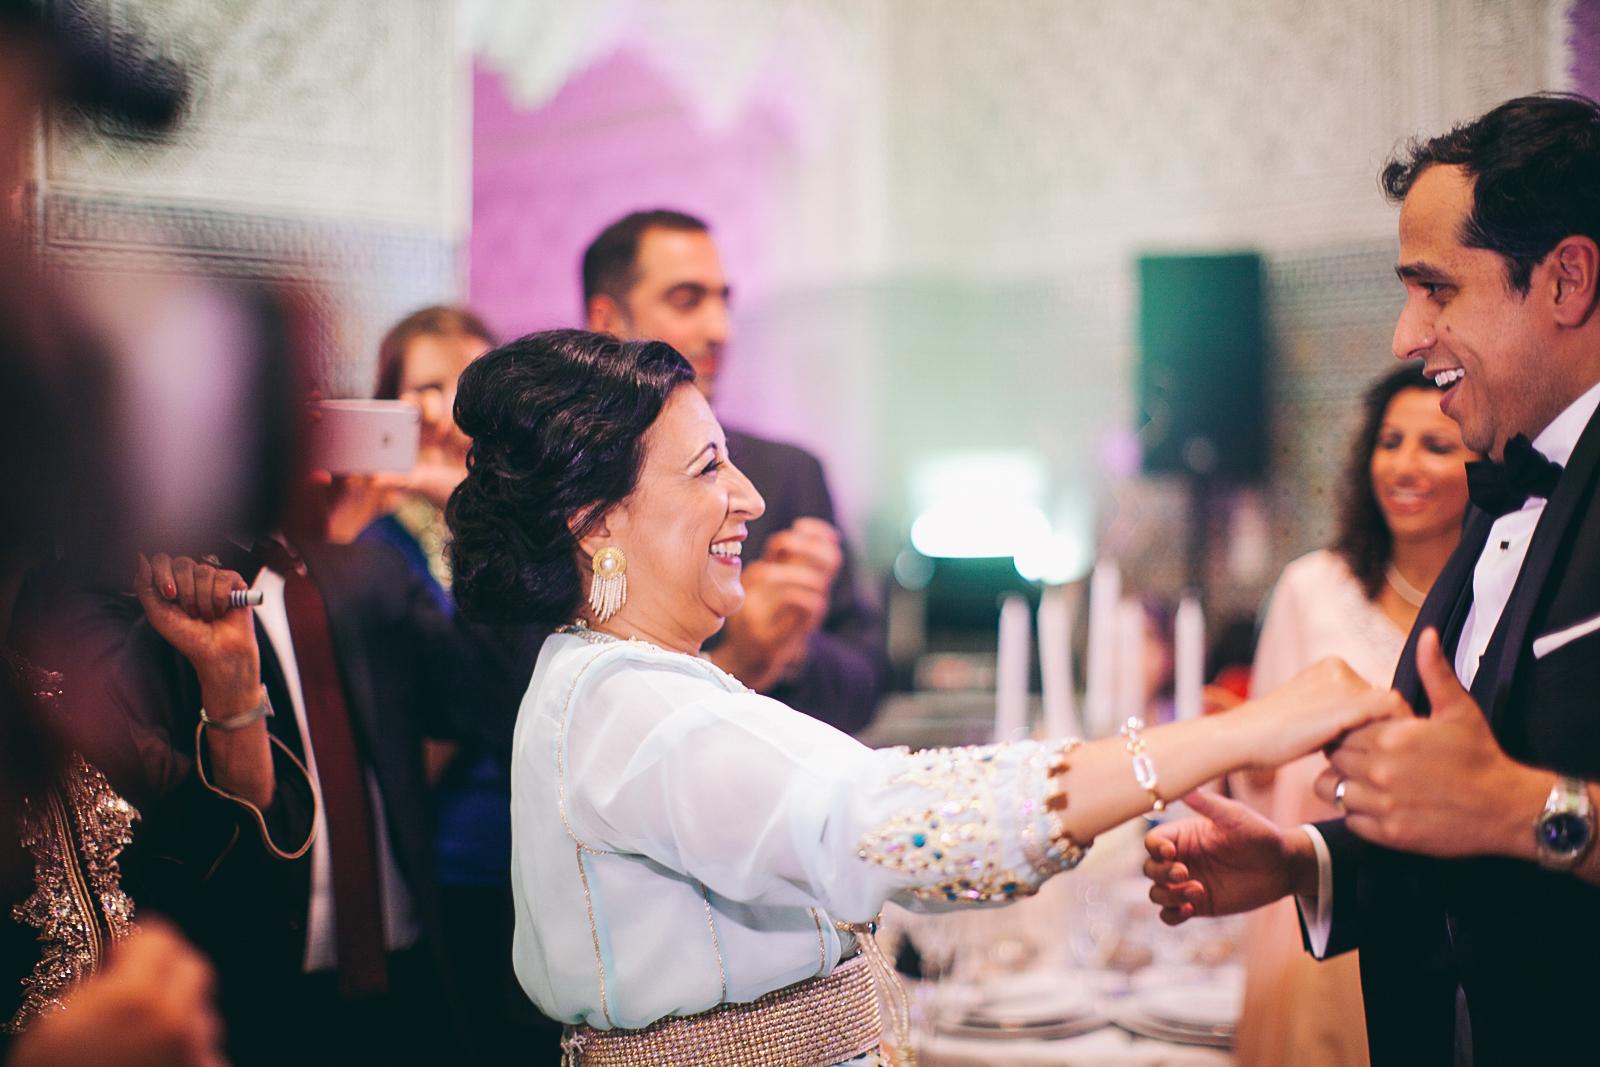 traditional_moroccan_wedding_photographry_casablanca_morocco_houda_vivek_ebony_siovhan_bokeh_photography_098.jpg